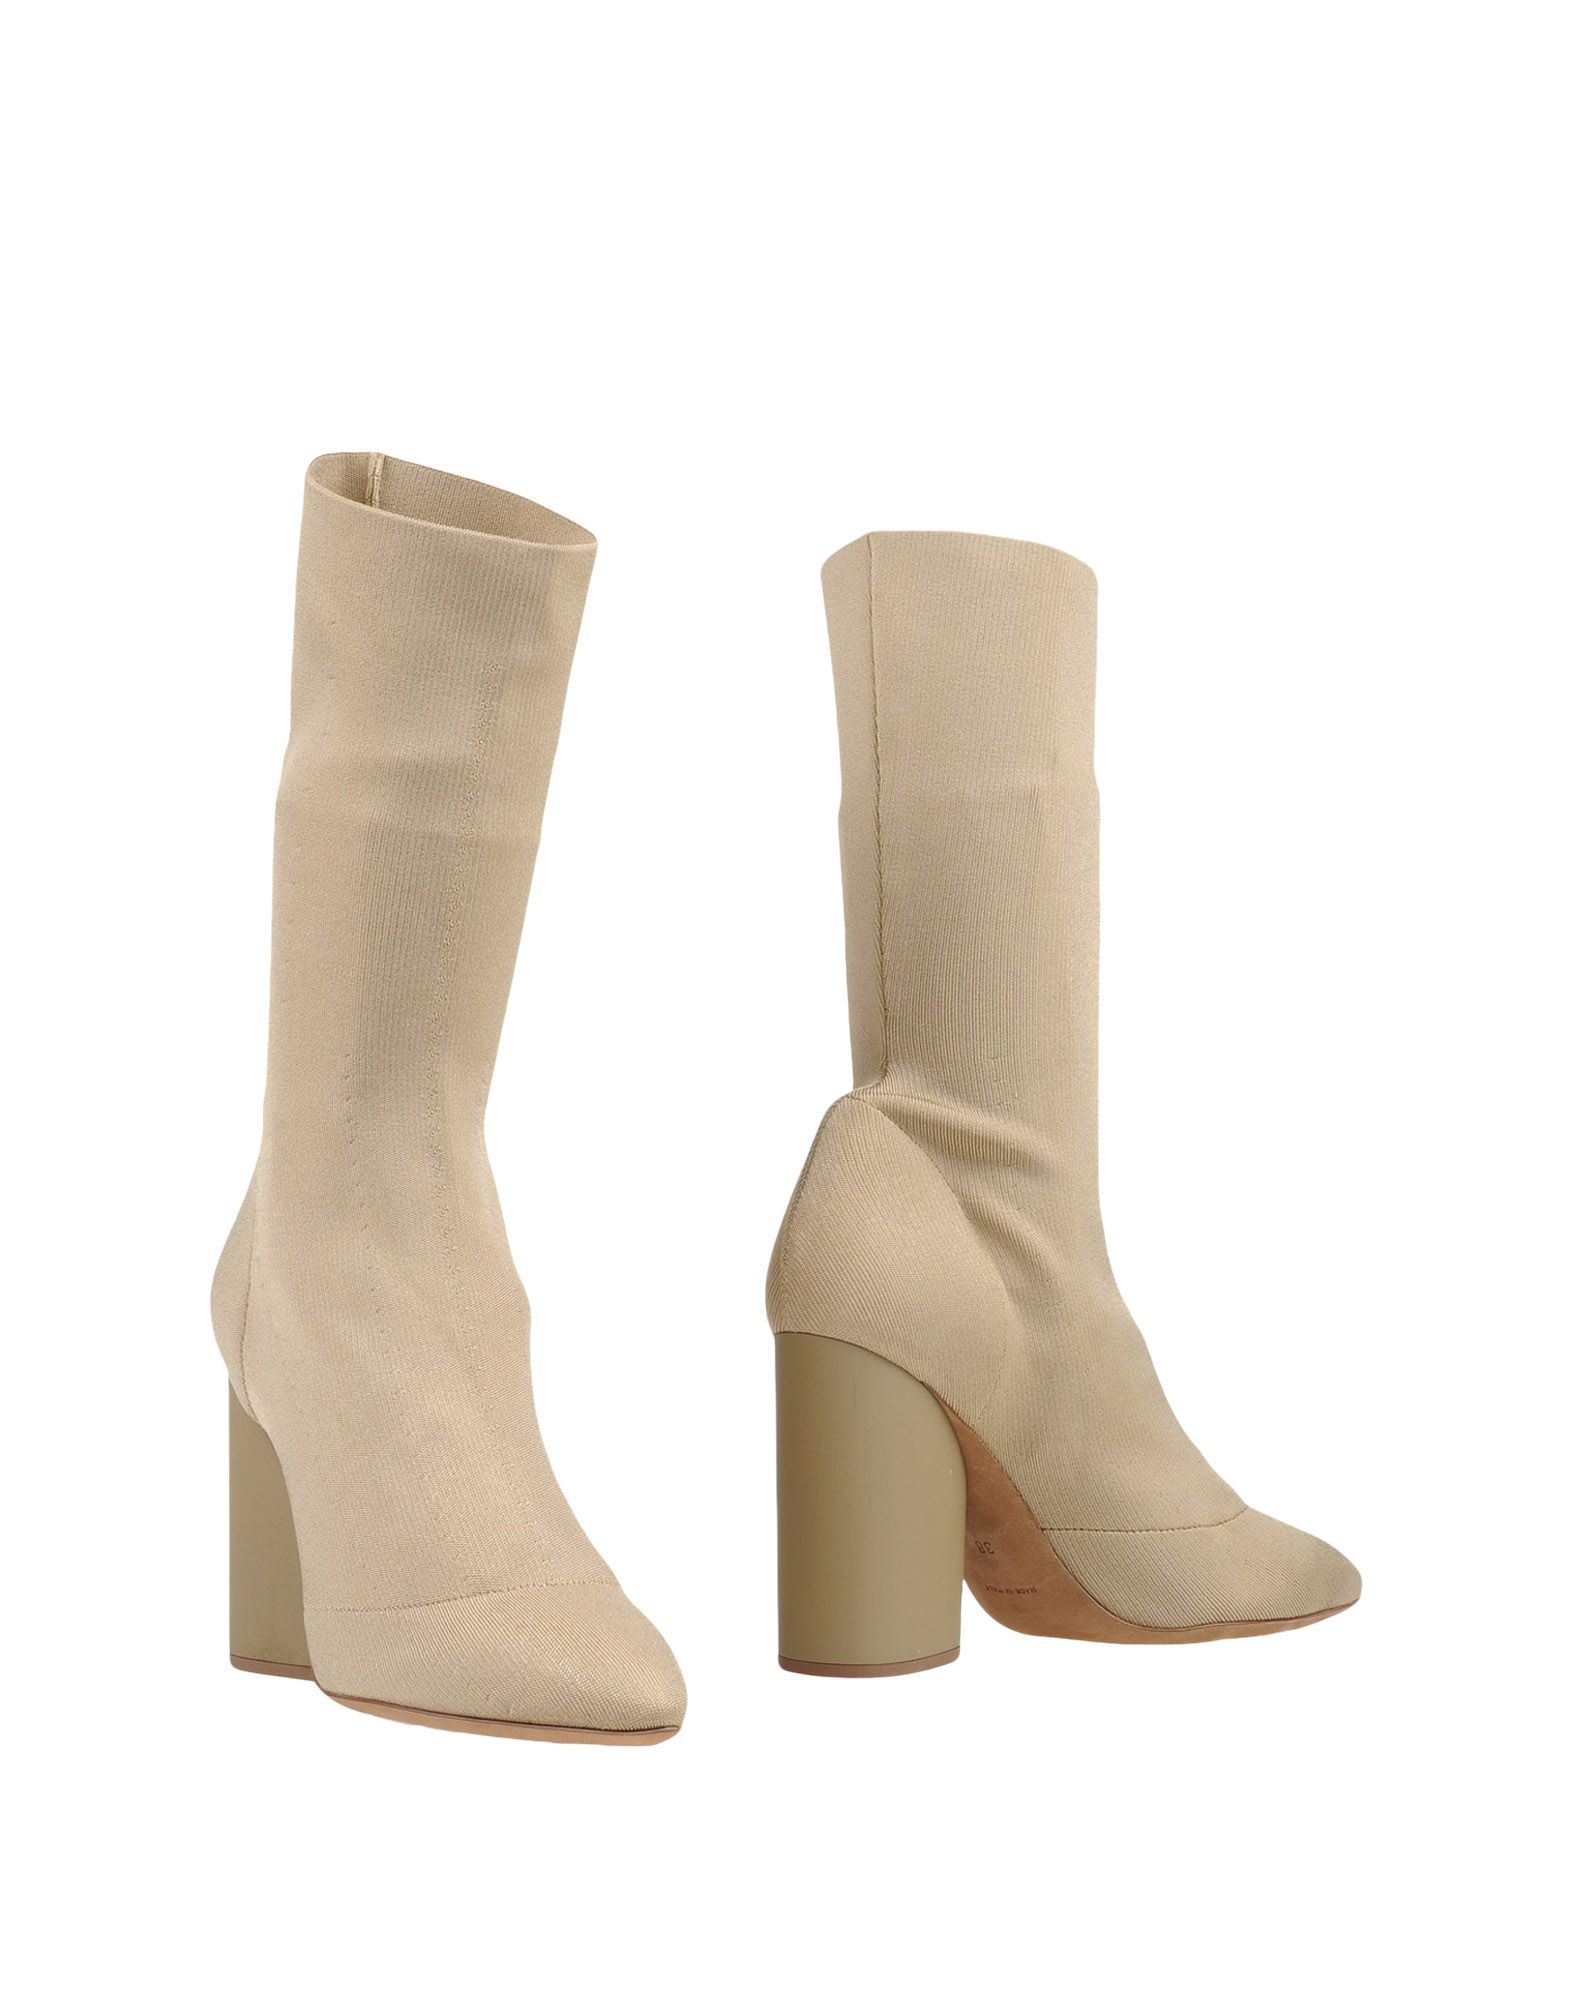 Yeezy Stiefelette Damen  aussehende 11379089PAGünstige gut aussehende  Schuhe 47b4f6